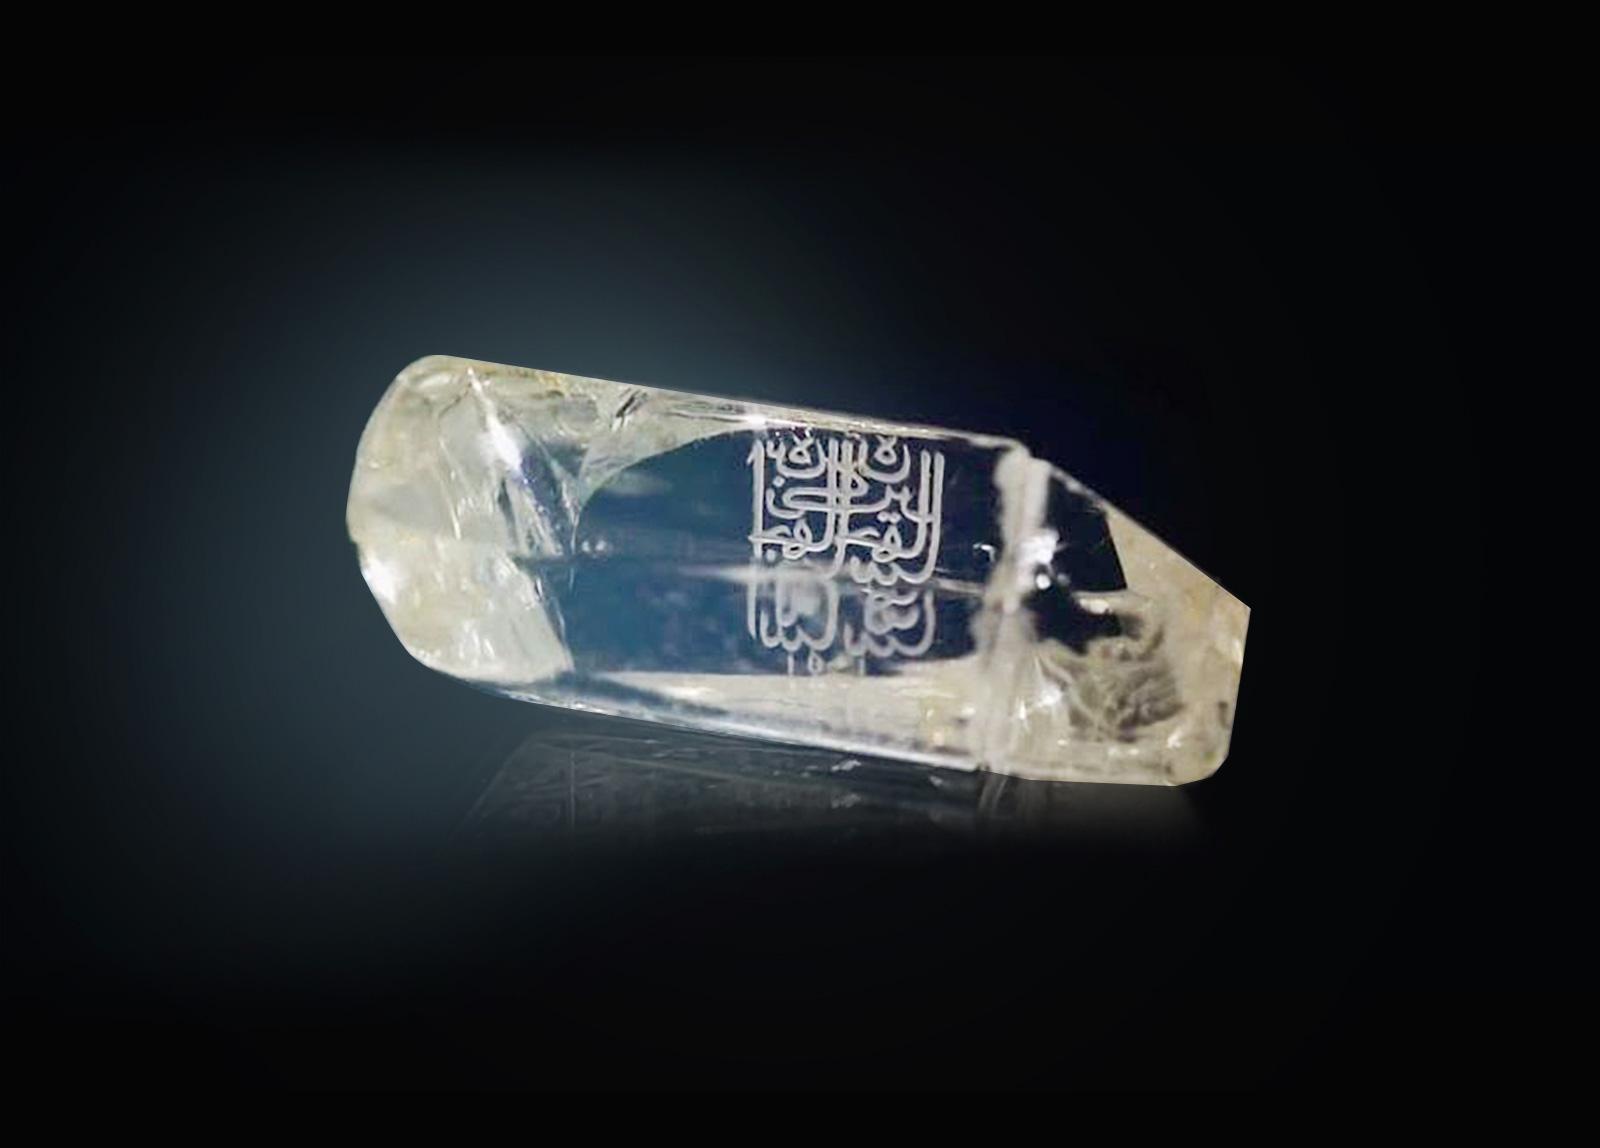 Diament Wielki Shah z inskrypcjami władców